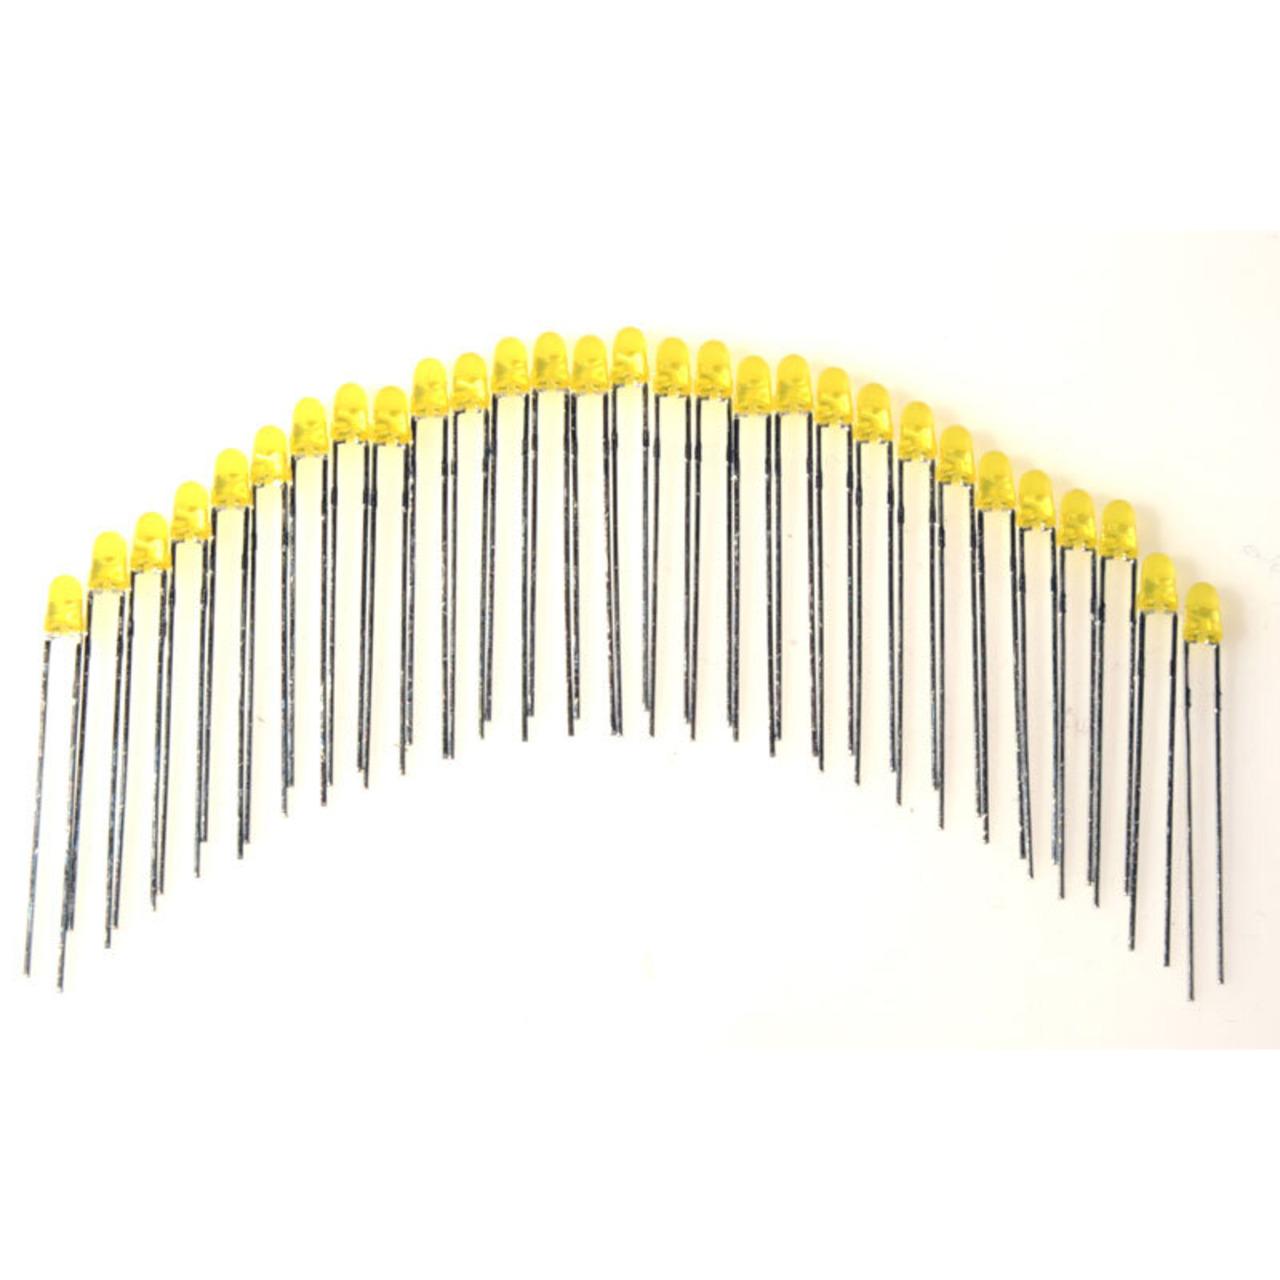 ELV LED-Set mit 29 LEDs- gelb- 3 mm